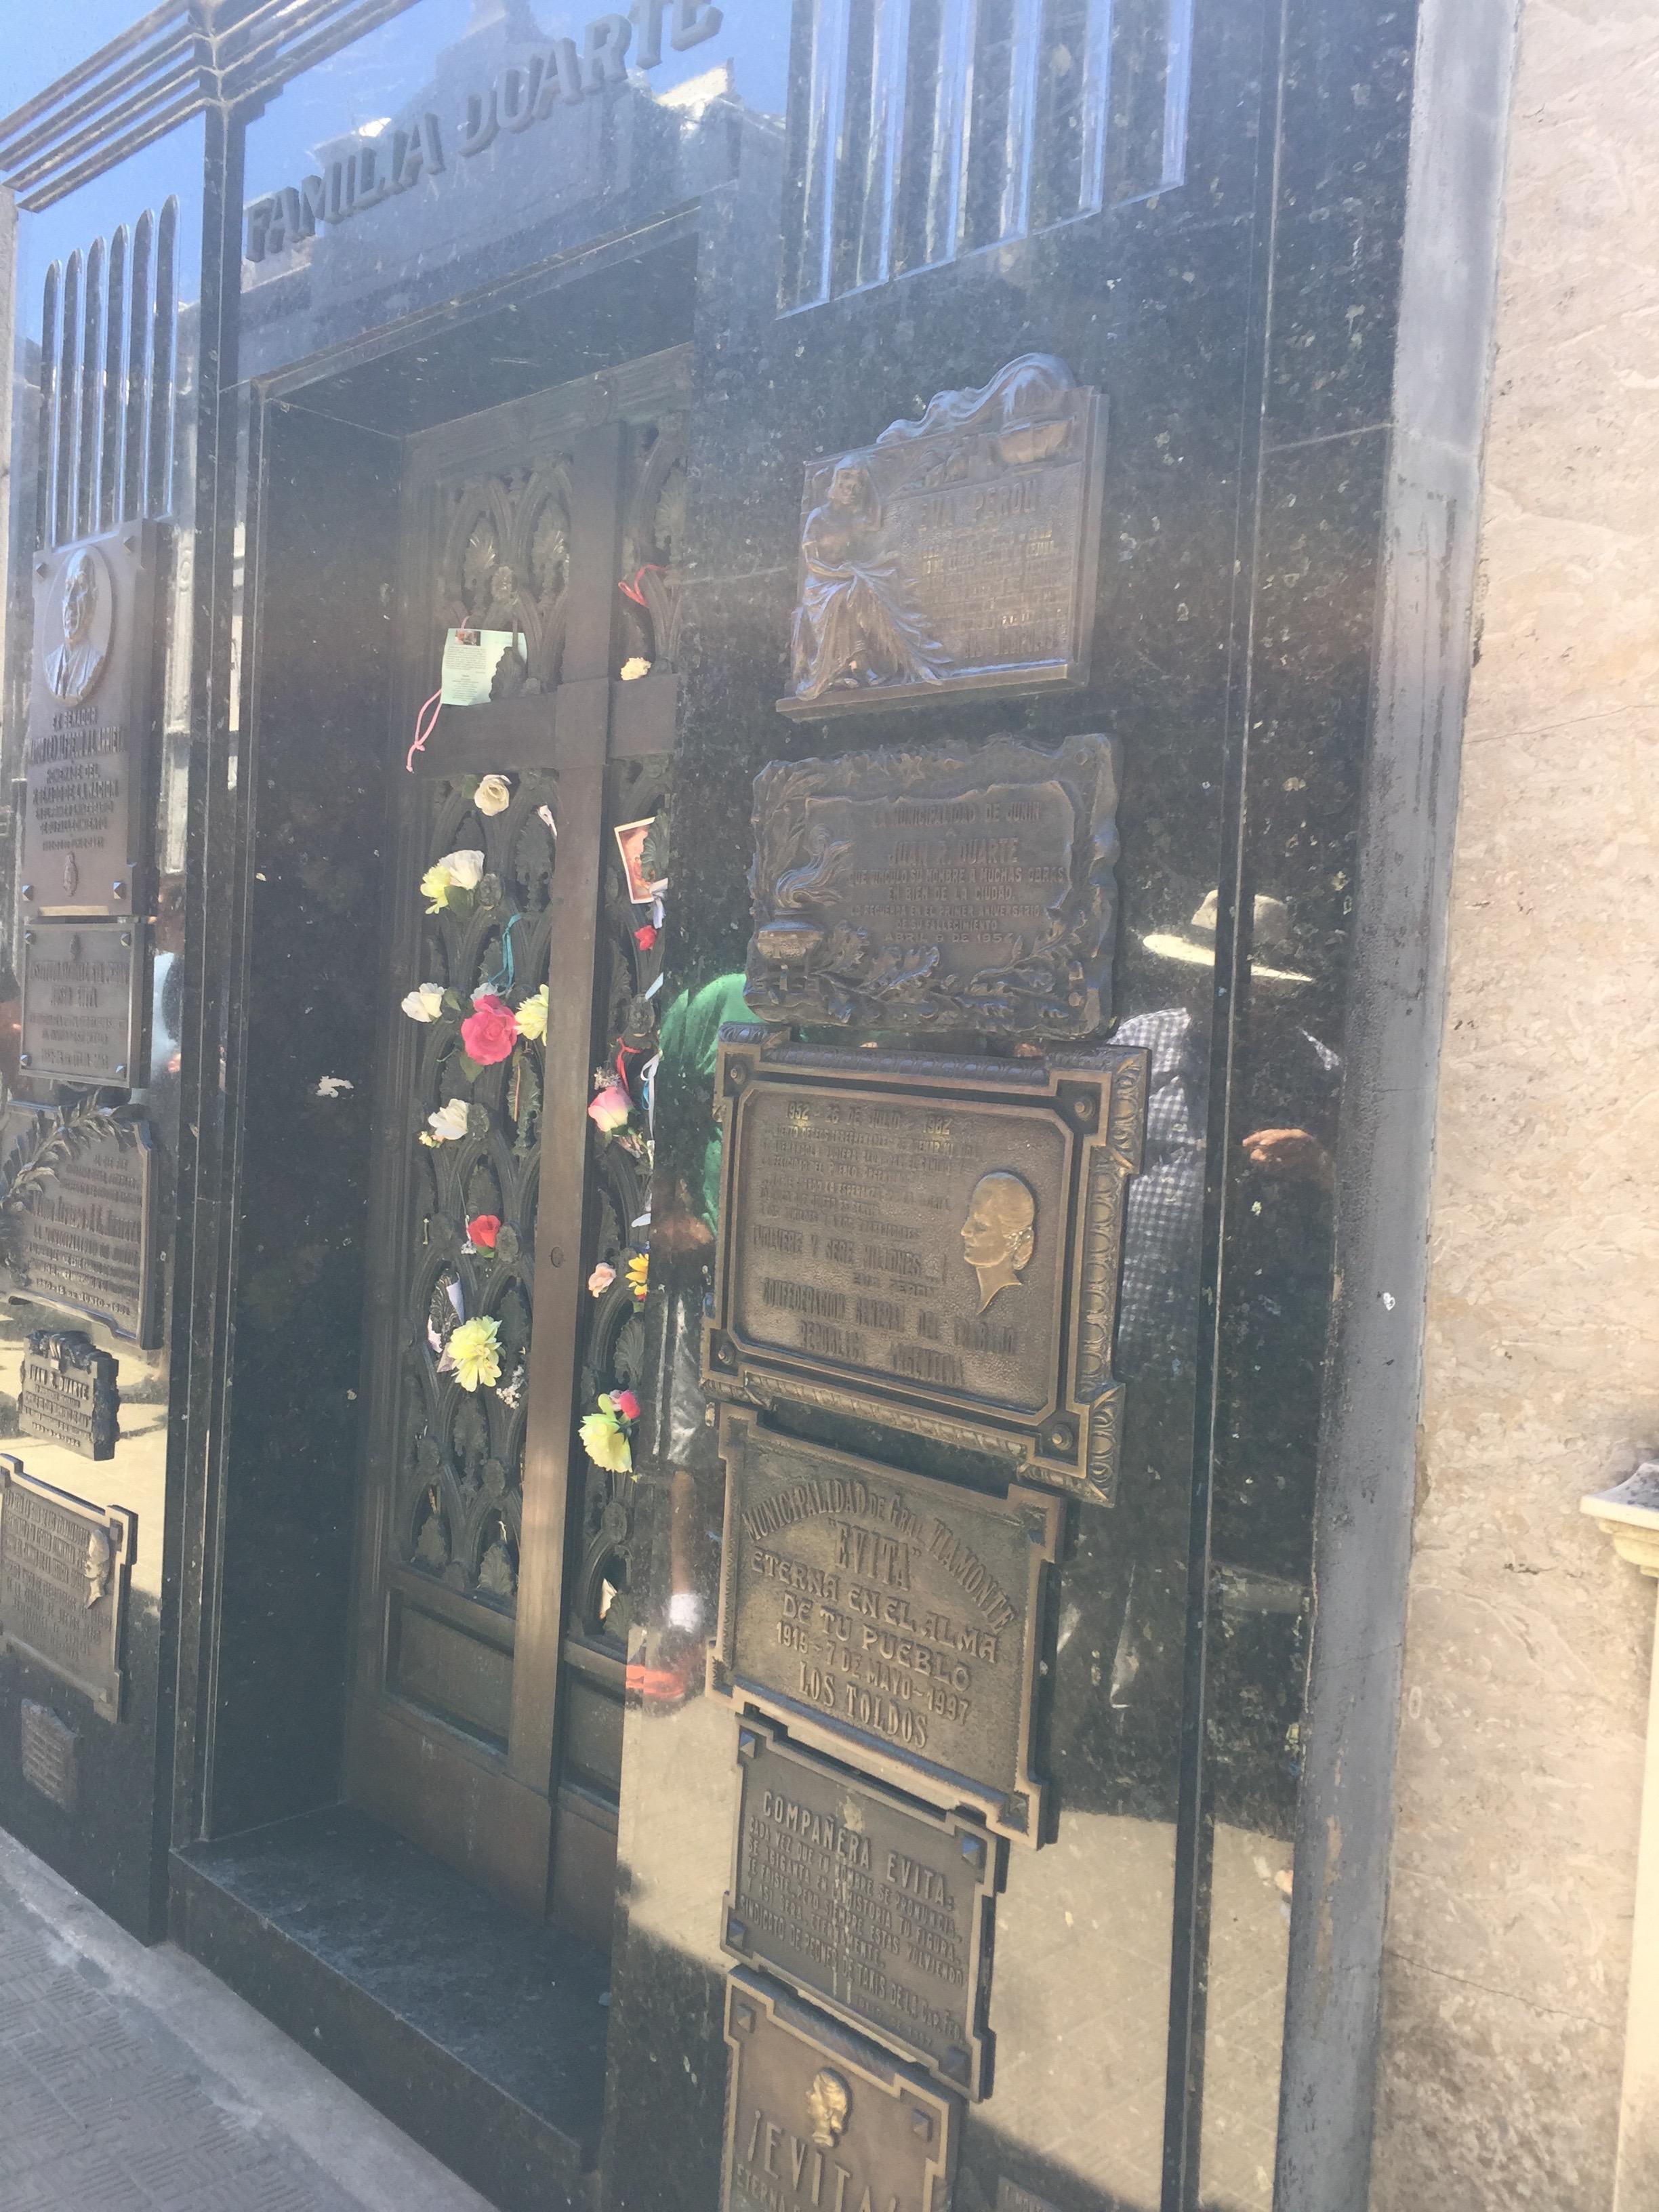 Eva Peron's grave site